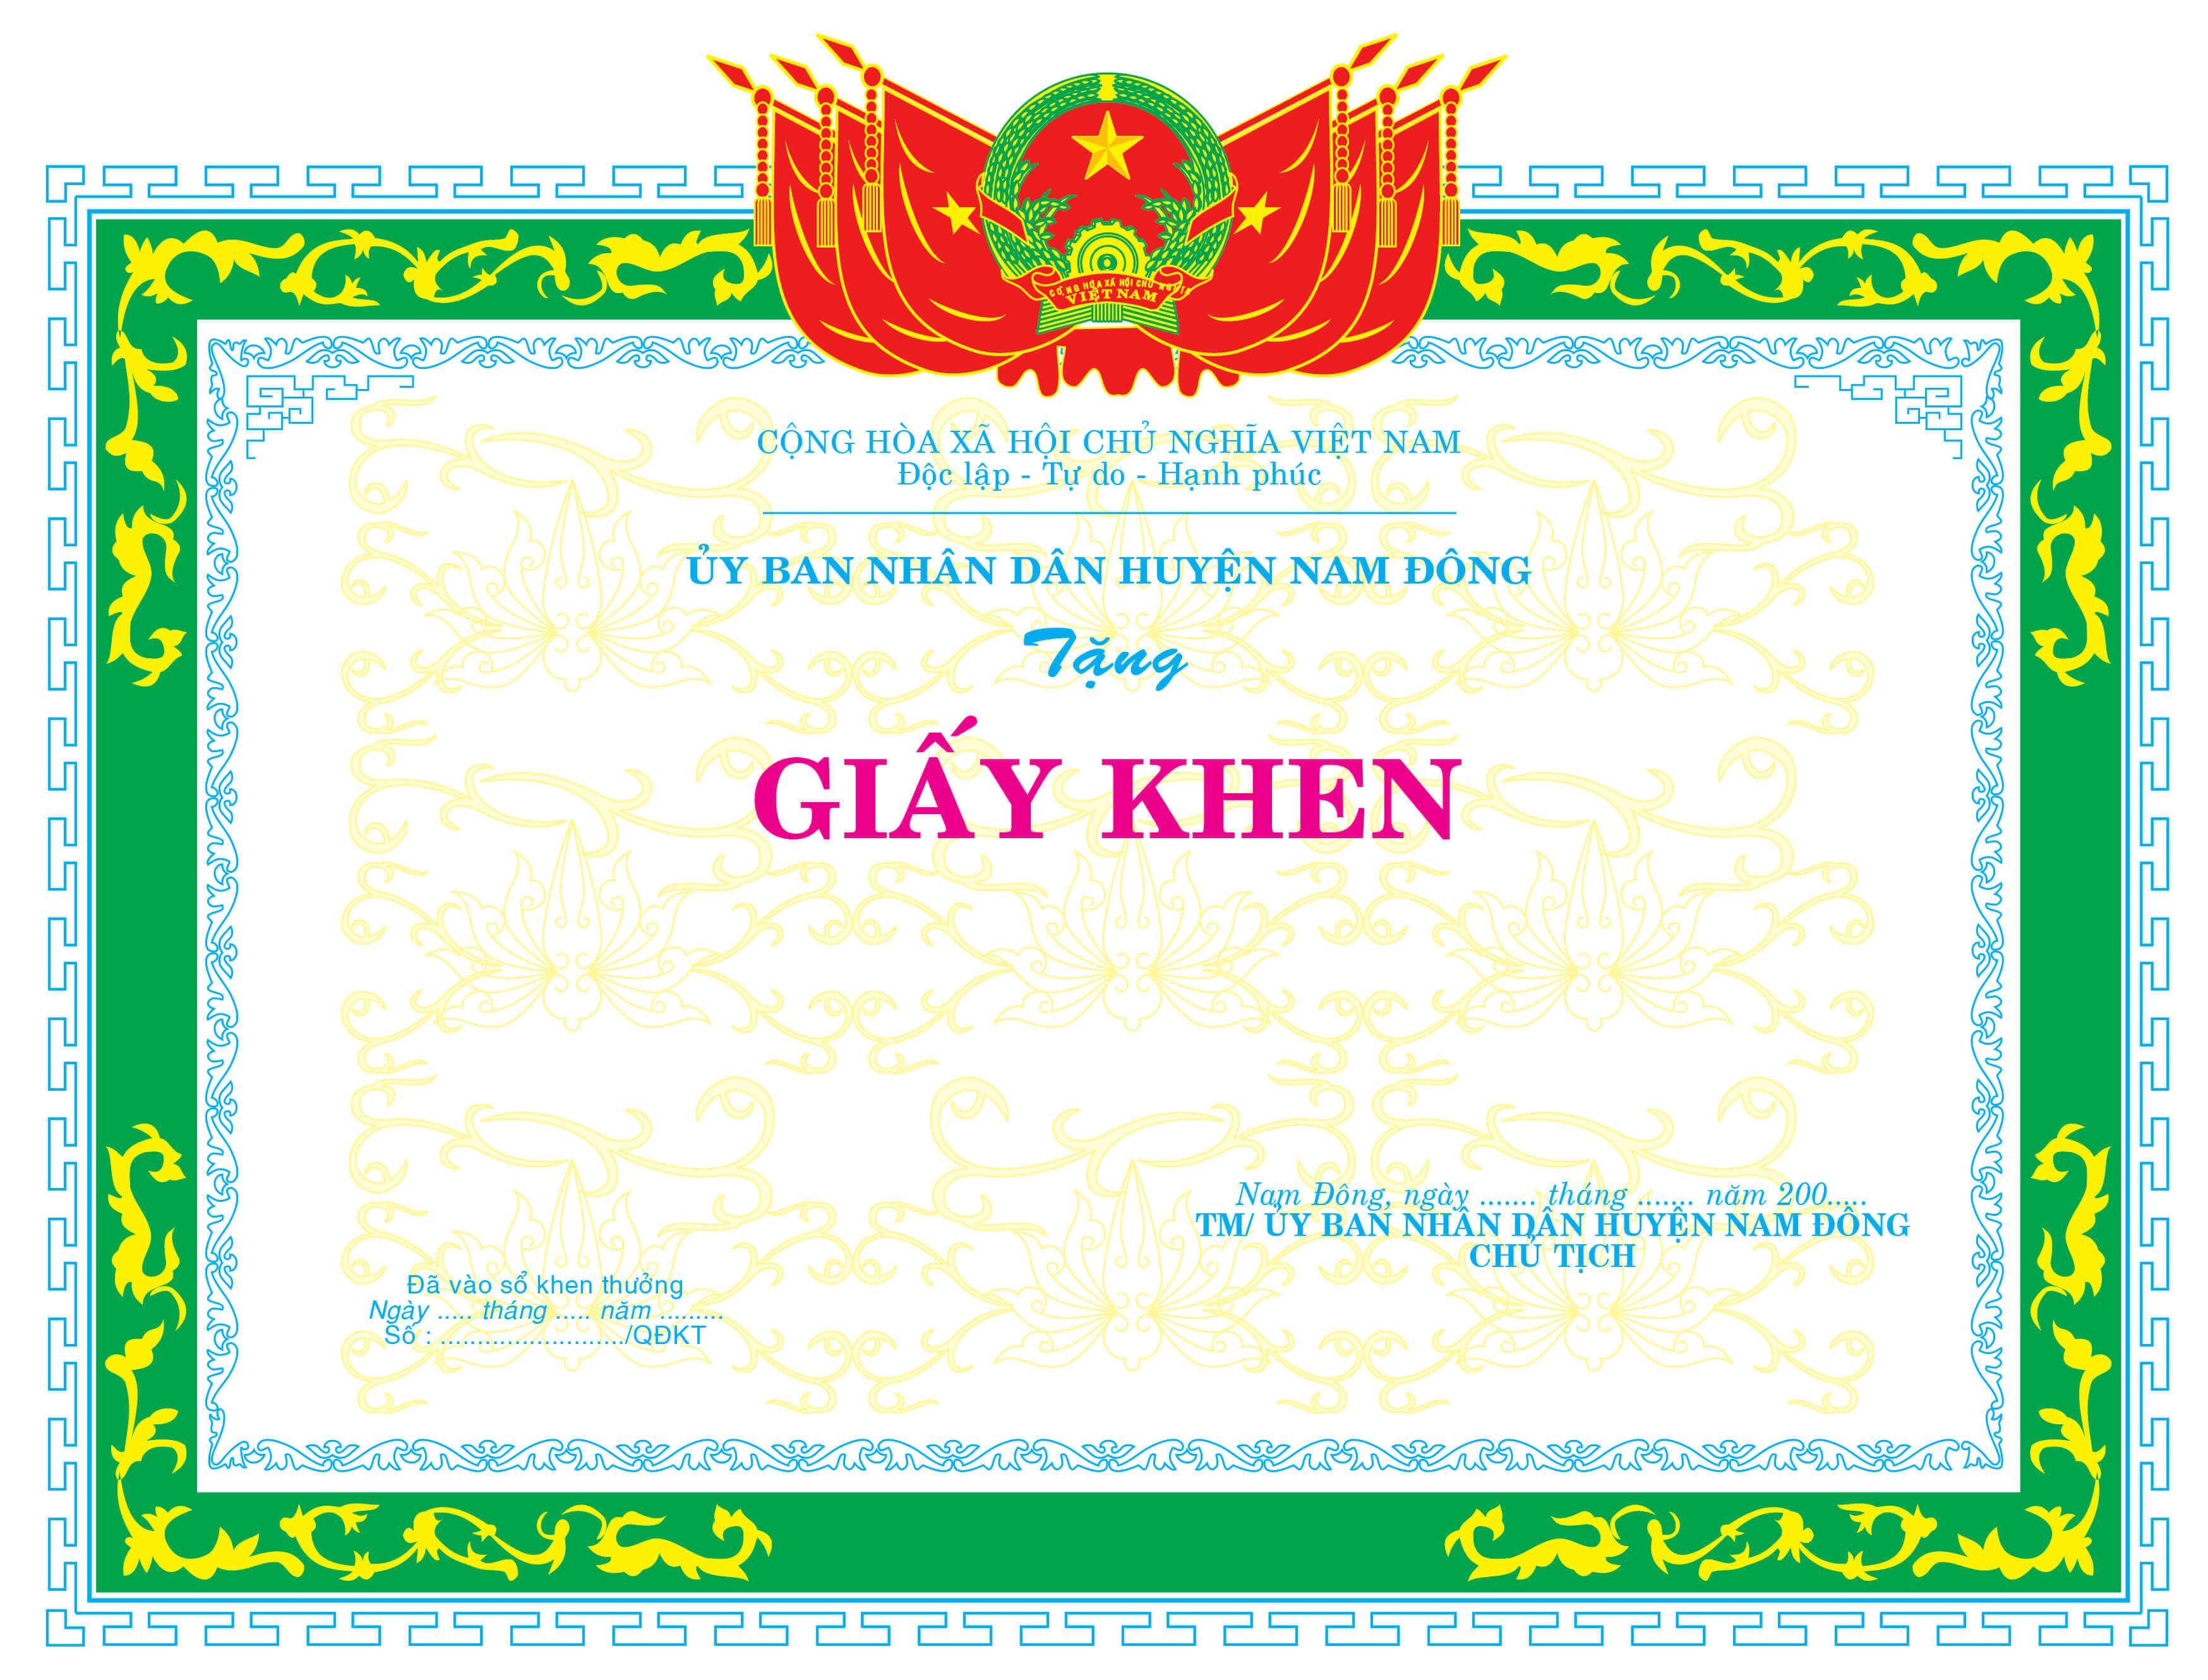 Mẫu giấy khen 041 - Mẫu giấy khen Ủy ban nhân dân - link download : https://adsnew.net/b0WX